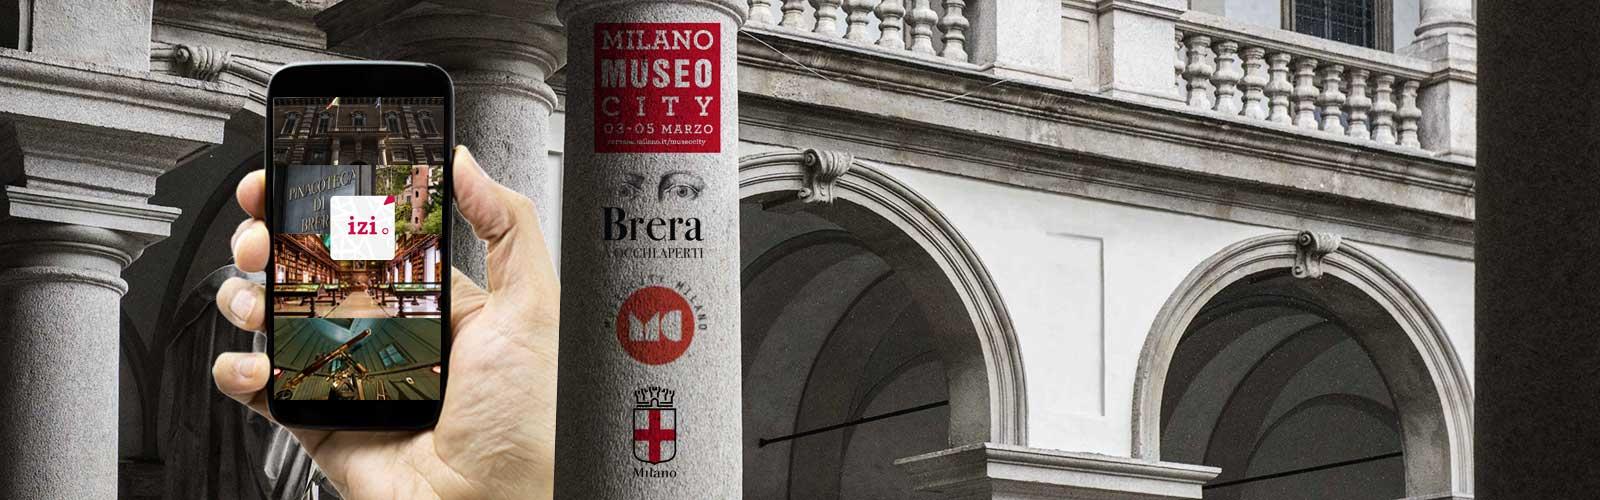 Museo City <br>alla Pinacoteca di Brera